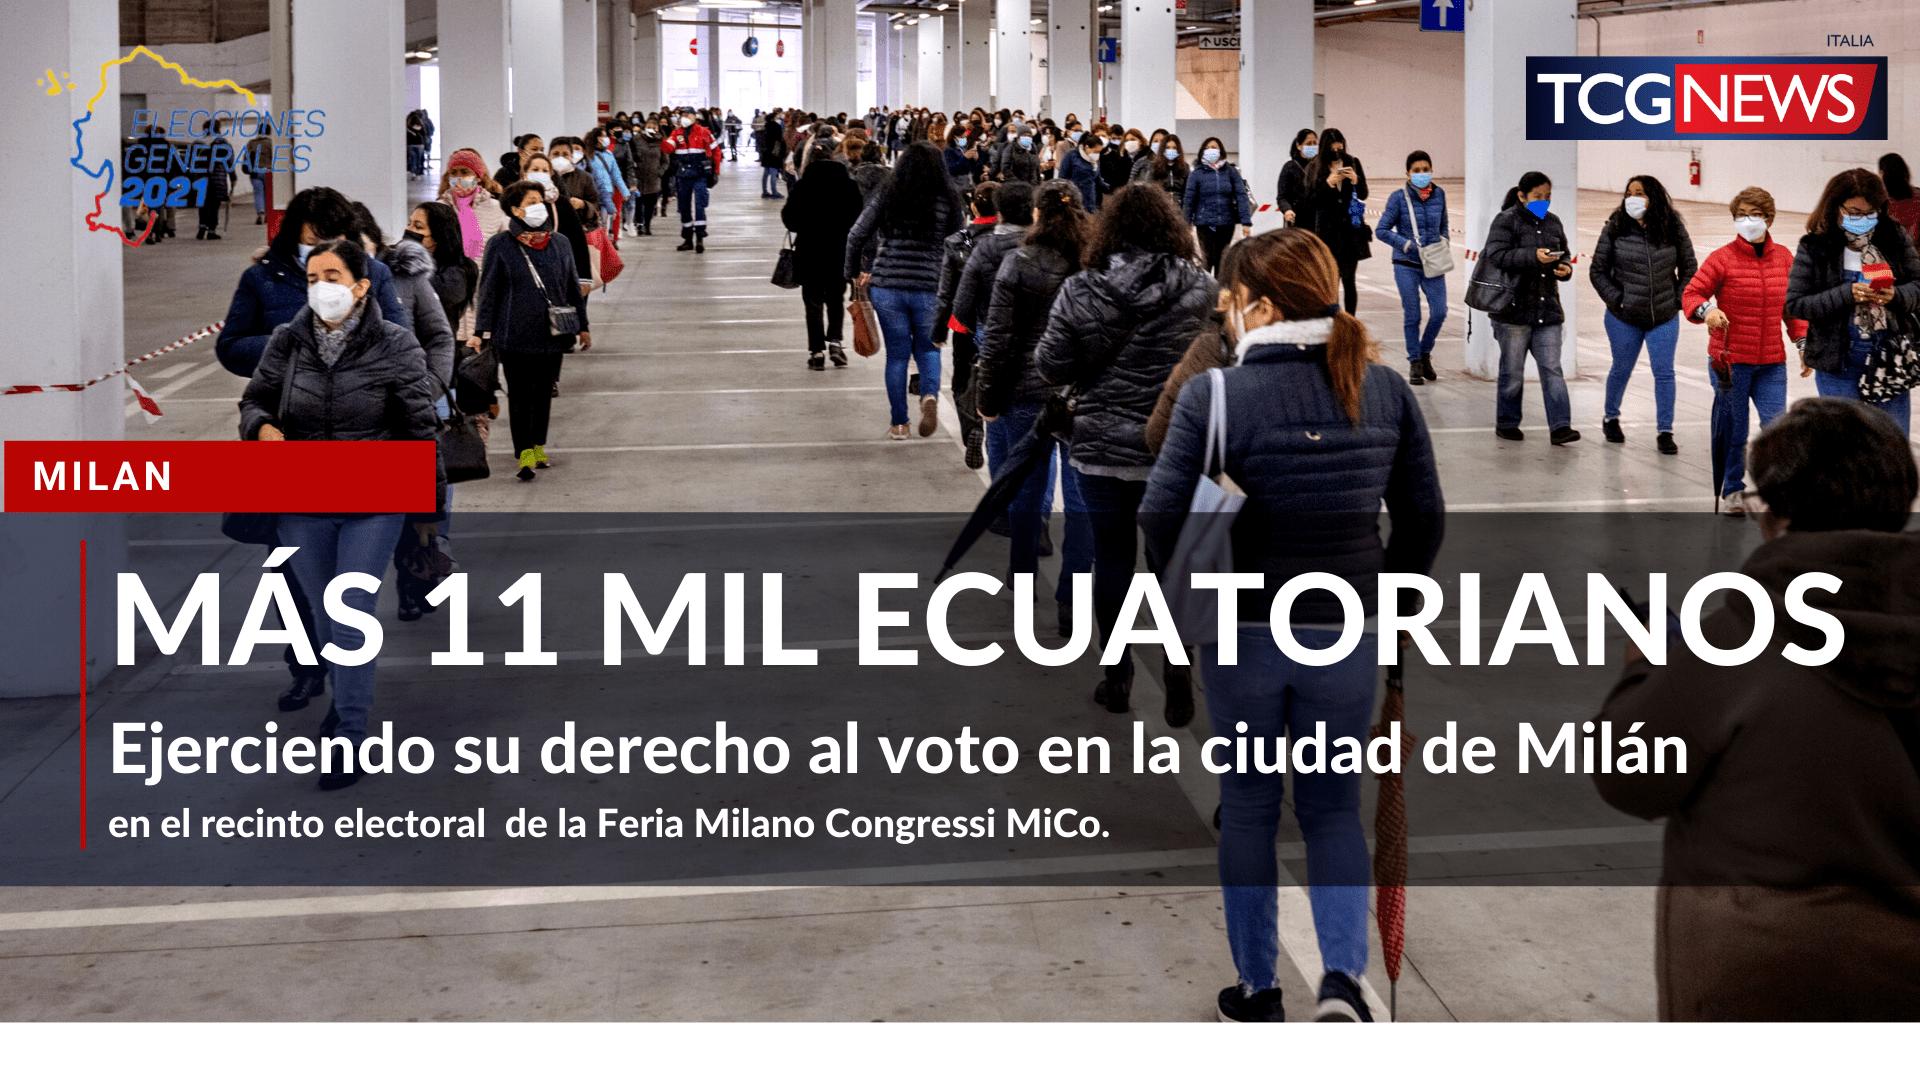 Más de 11 mil ecuatorianos votaron en Milán